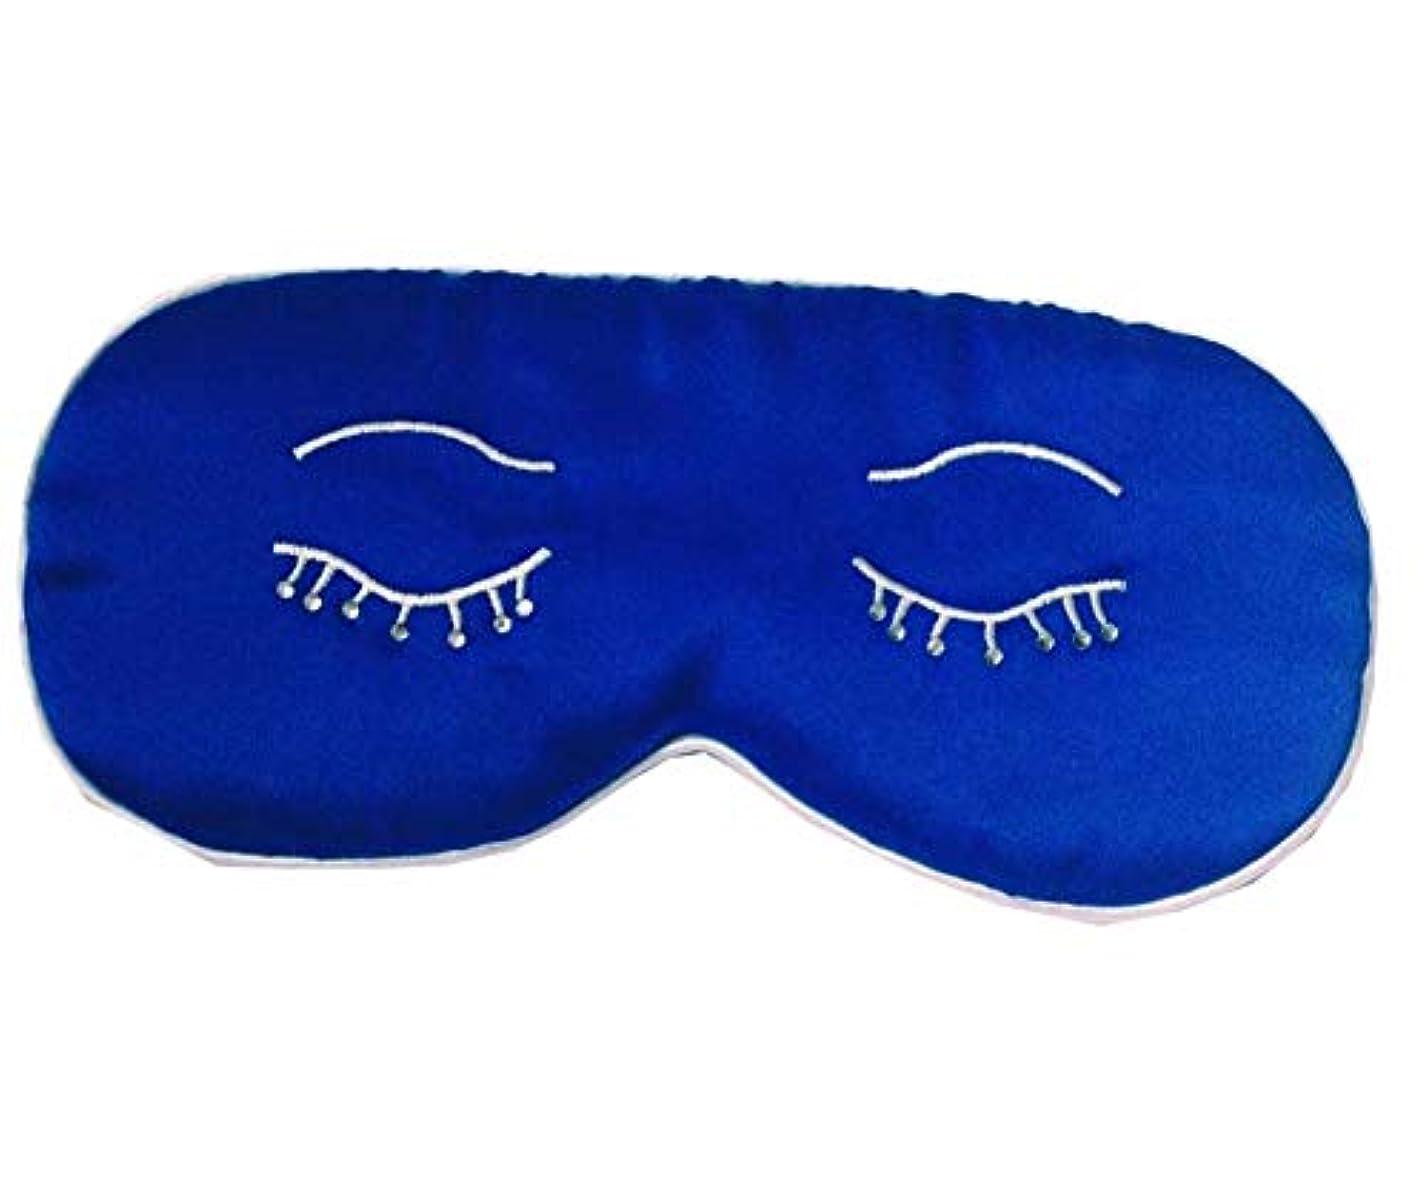 セグメント土砂降り前述の両面シルクアイマスクラブリーパーソナリティアイシェードスリープアイマスク、青い目